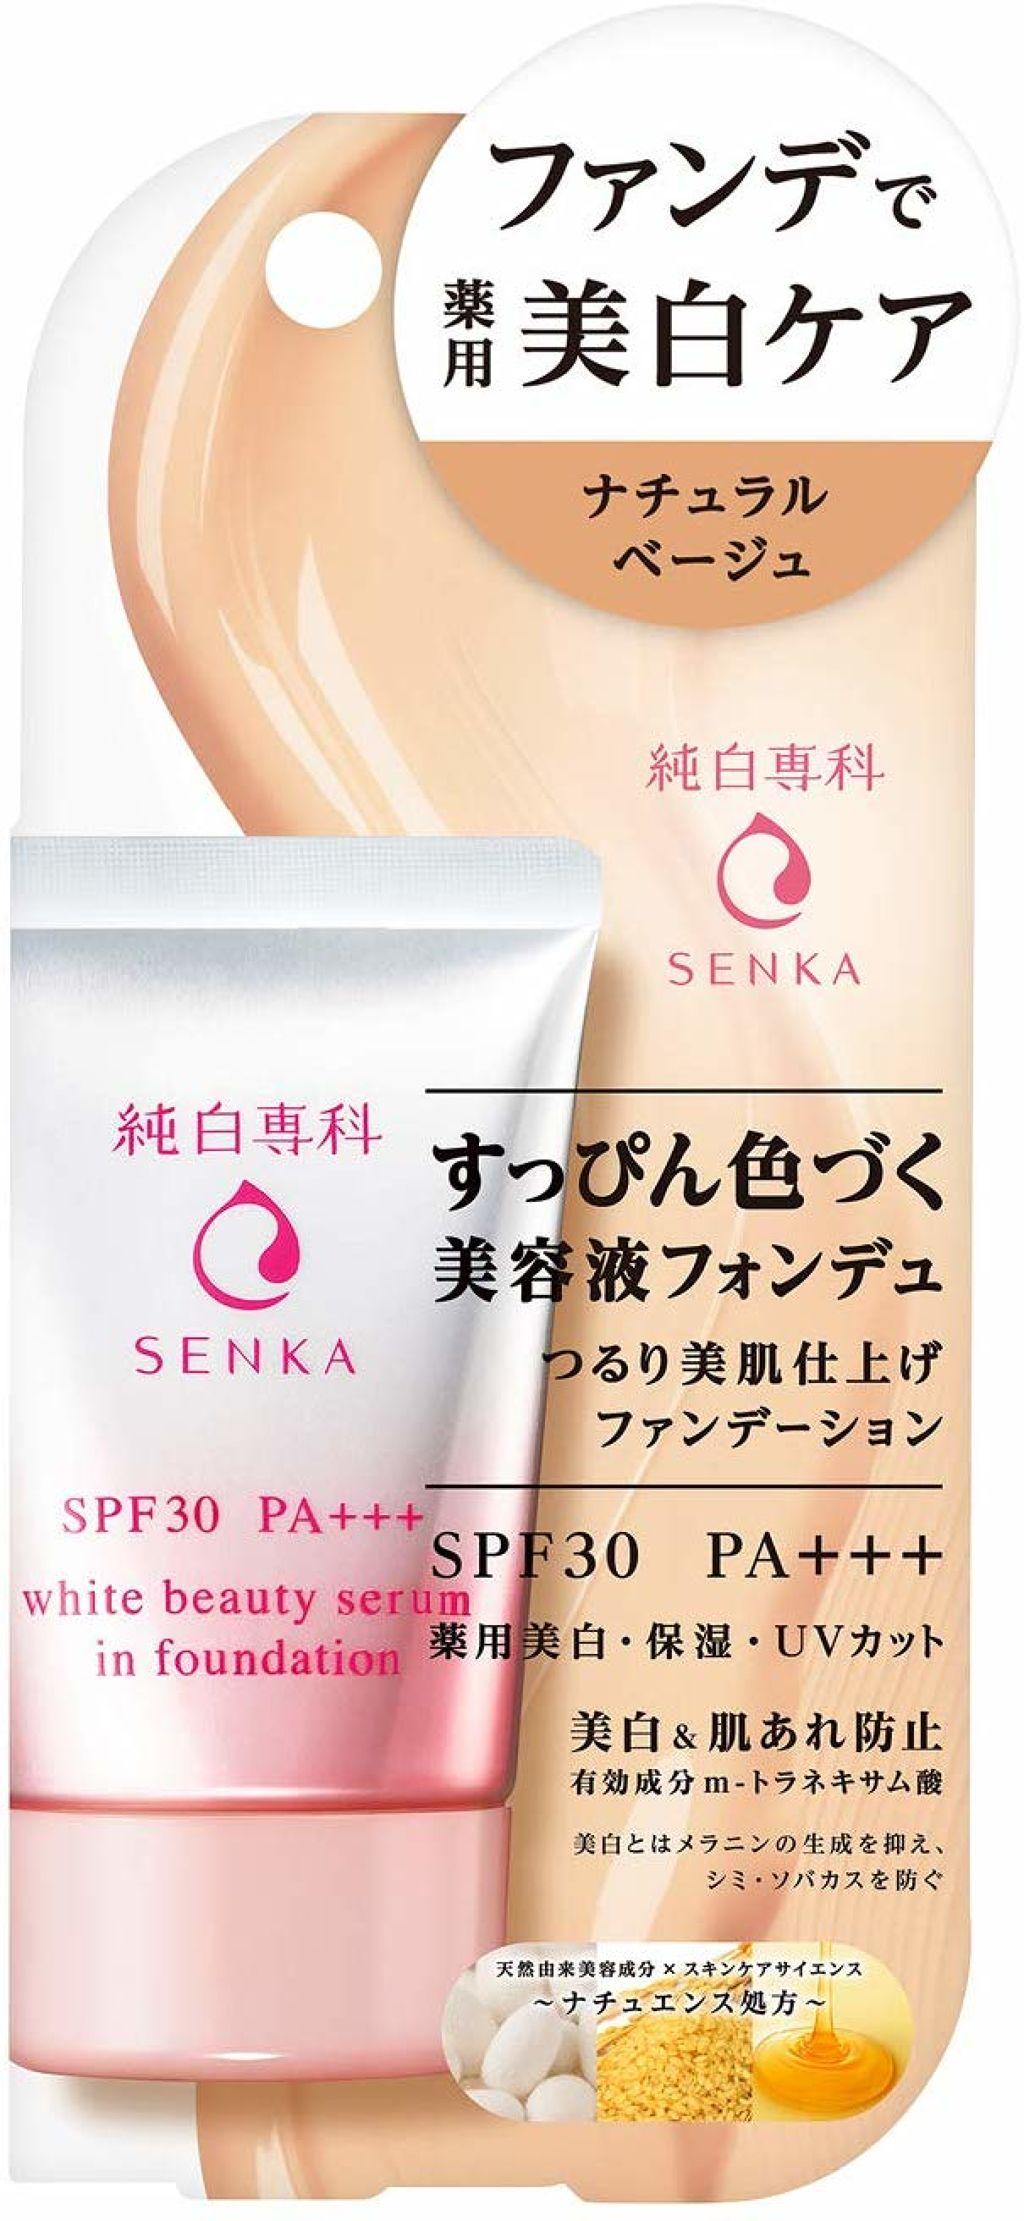 純白専科 すっぴん色づく美容液フォンデュ ナチュラルベージュ(自然~健康的な肌色)